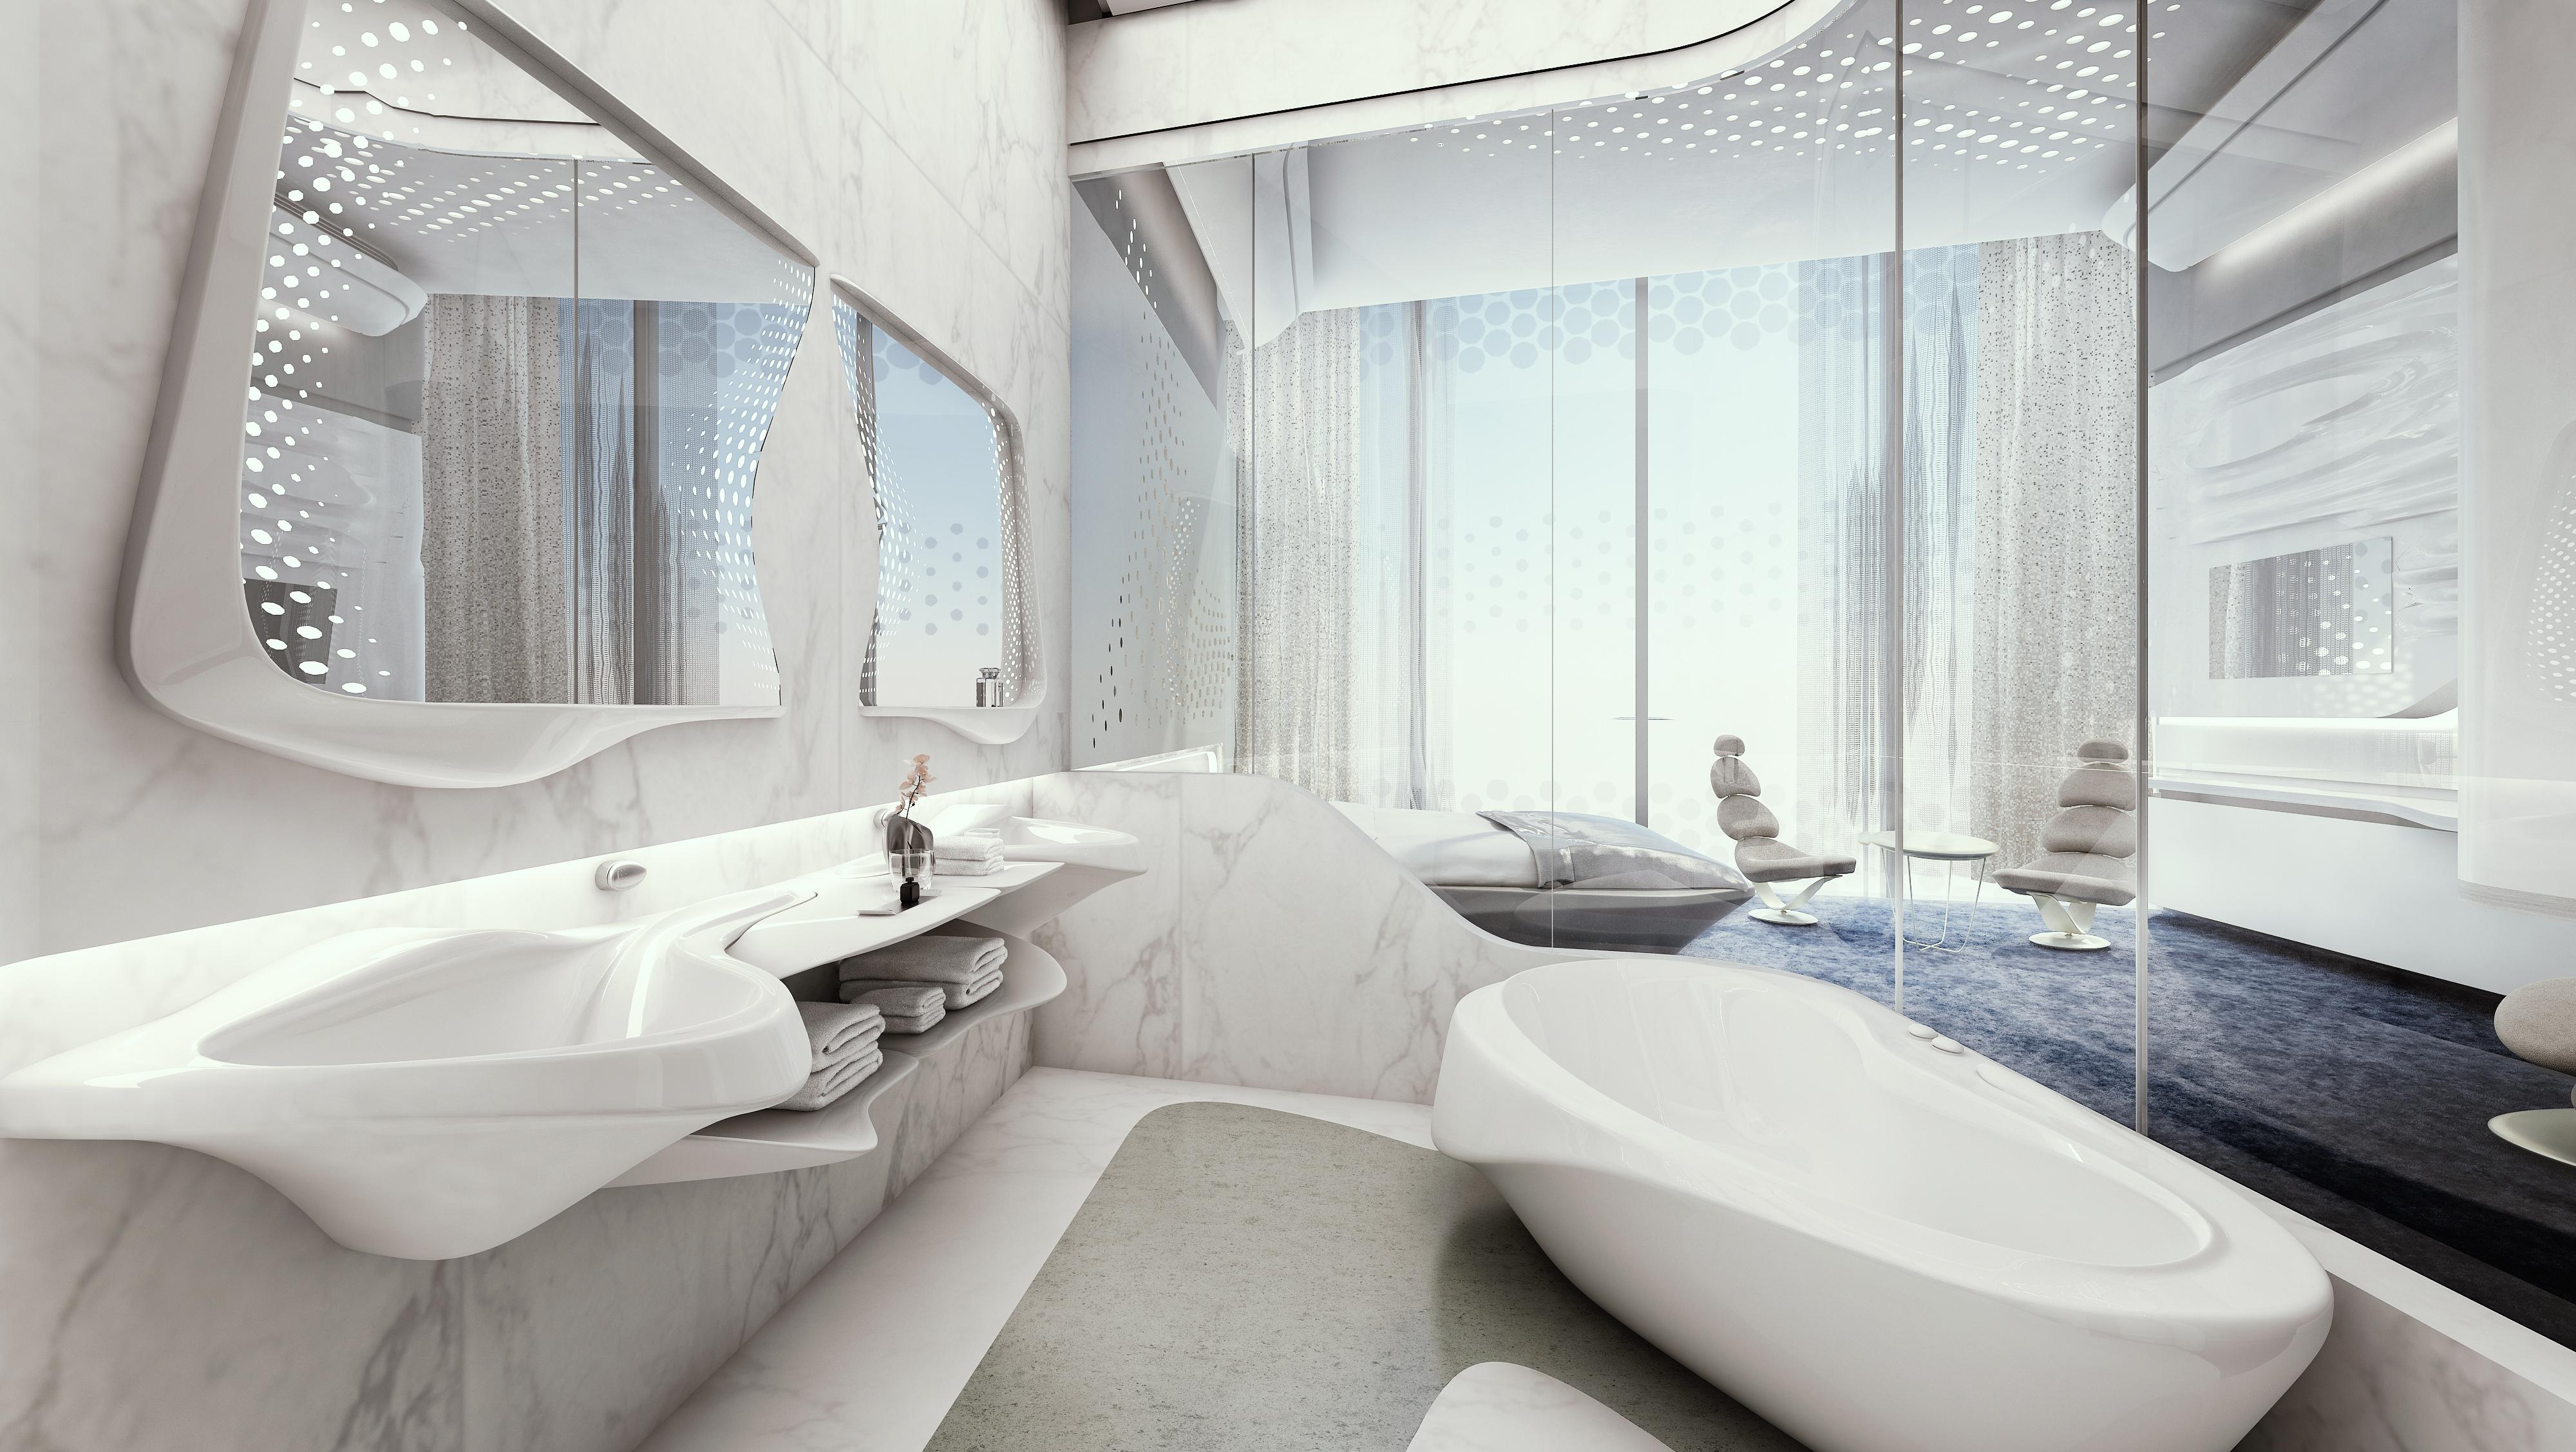 Niedlich Designer Wohnungen Von Zaha Hadid Dubai Bilder - Die ...